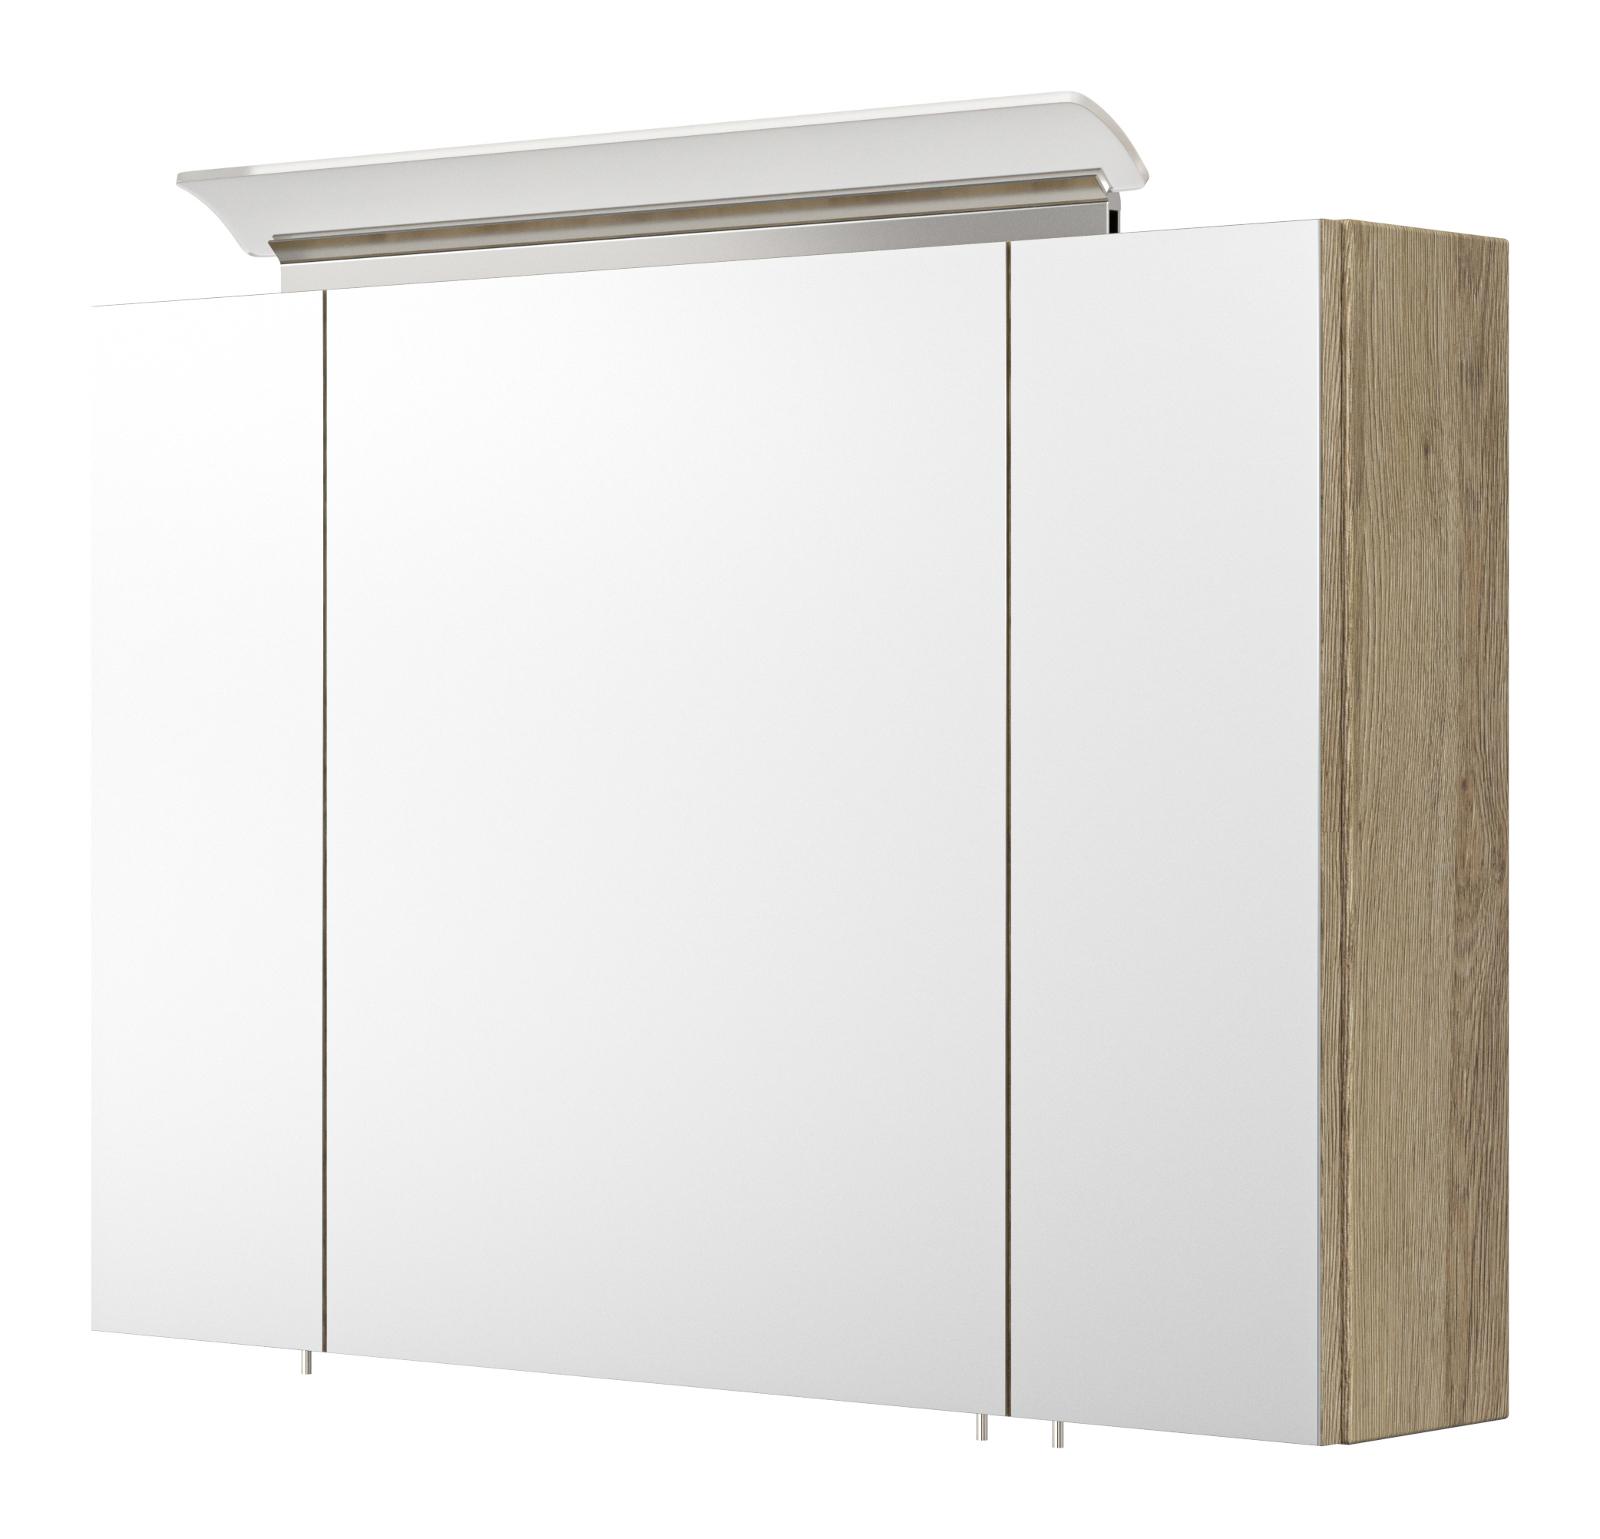 b rom bel schreibtisch mit aufsatz computertisch wei five10 g nstige m bel online kaufen bei. Black Bedroom Furniture Sets. Home Design Ideas